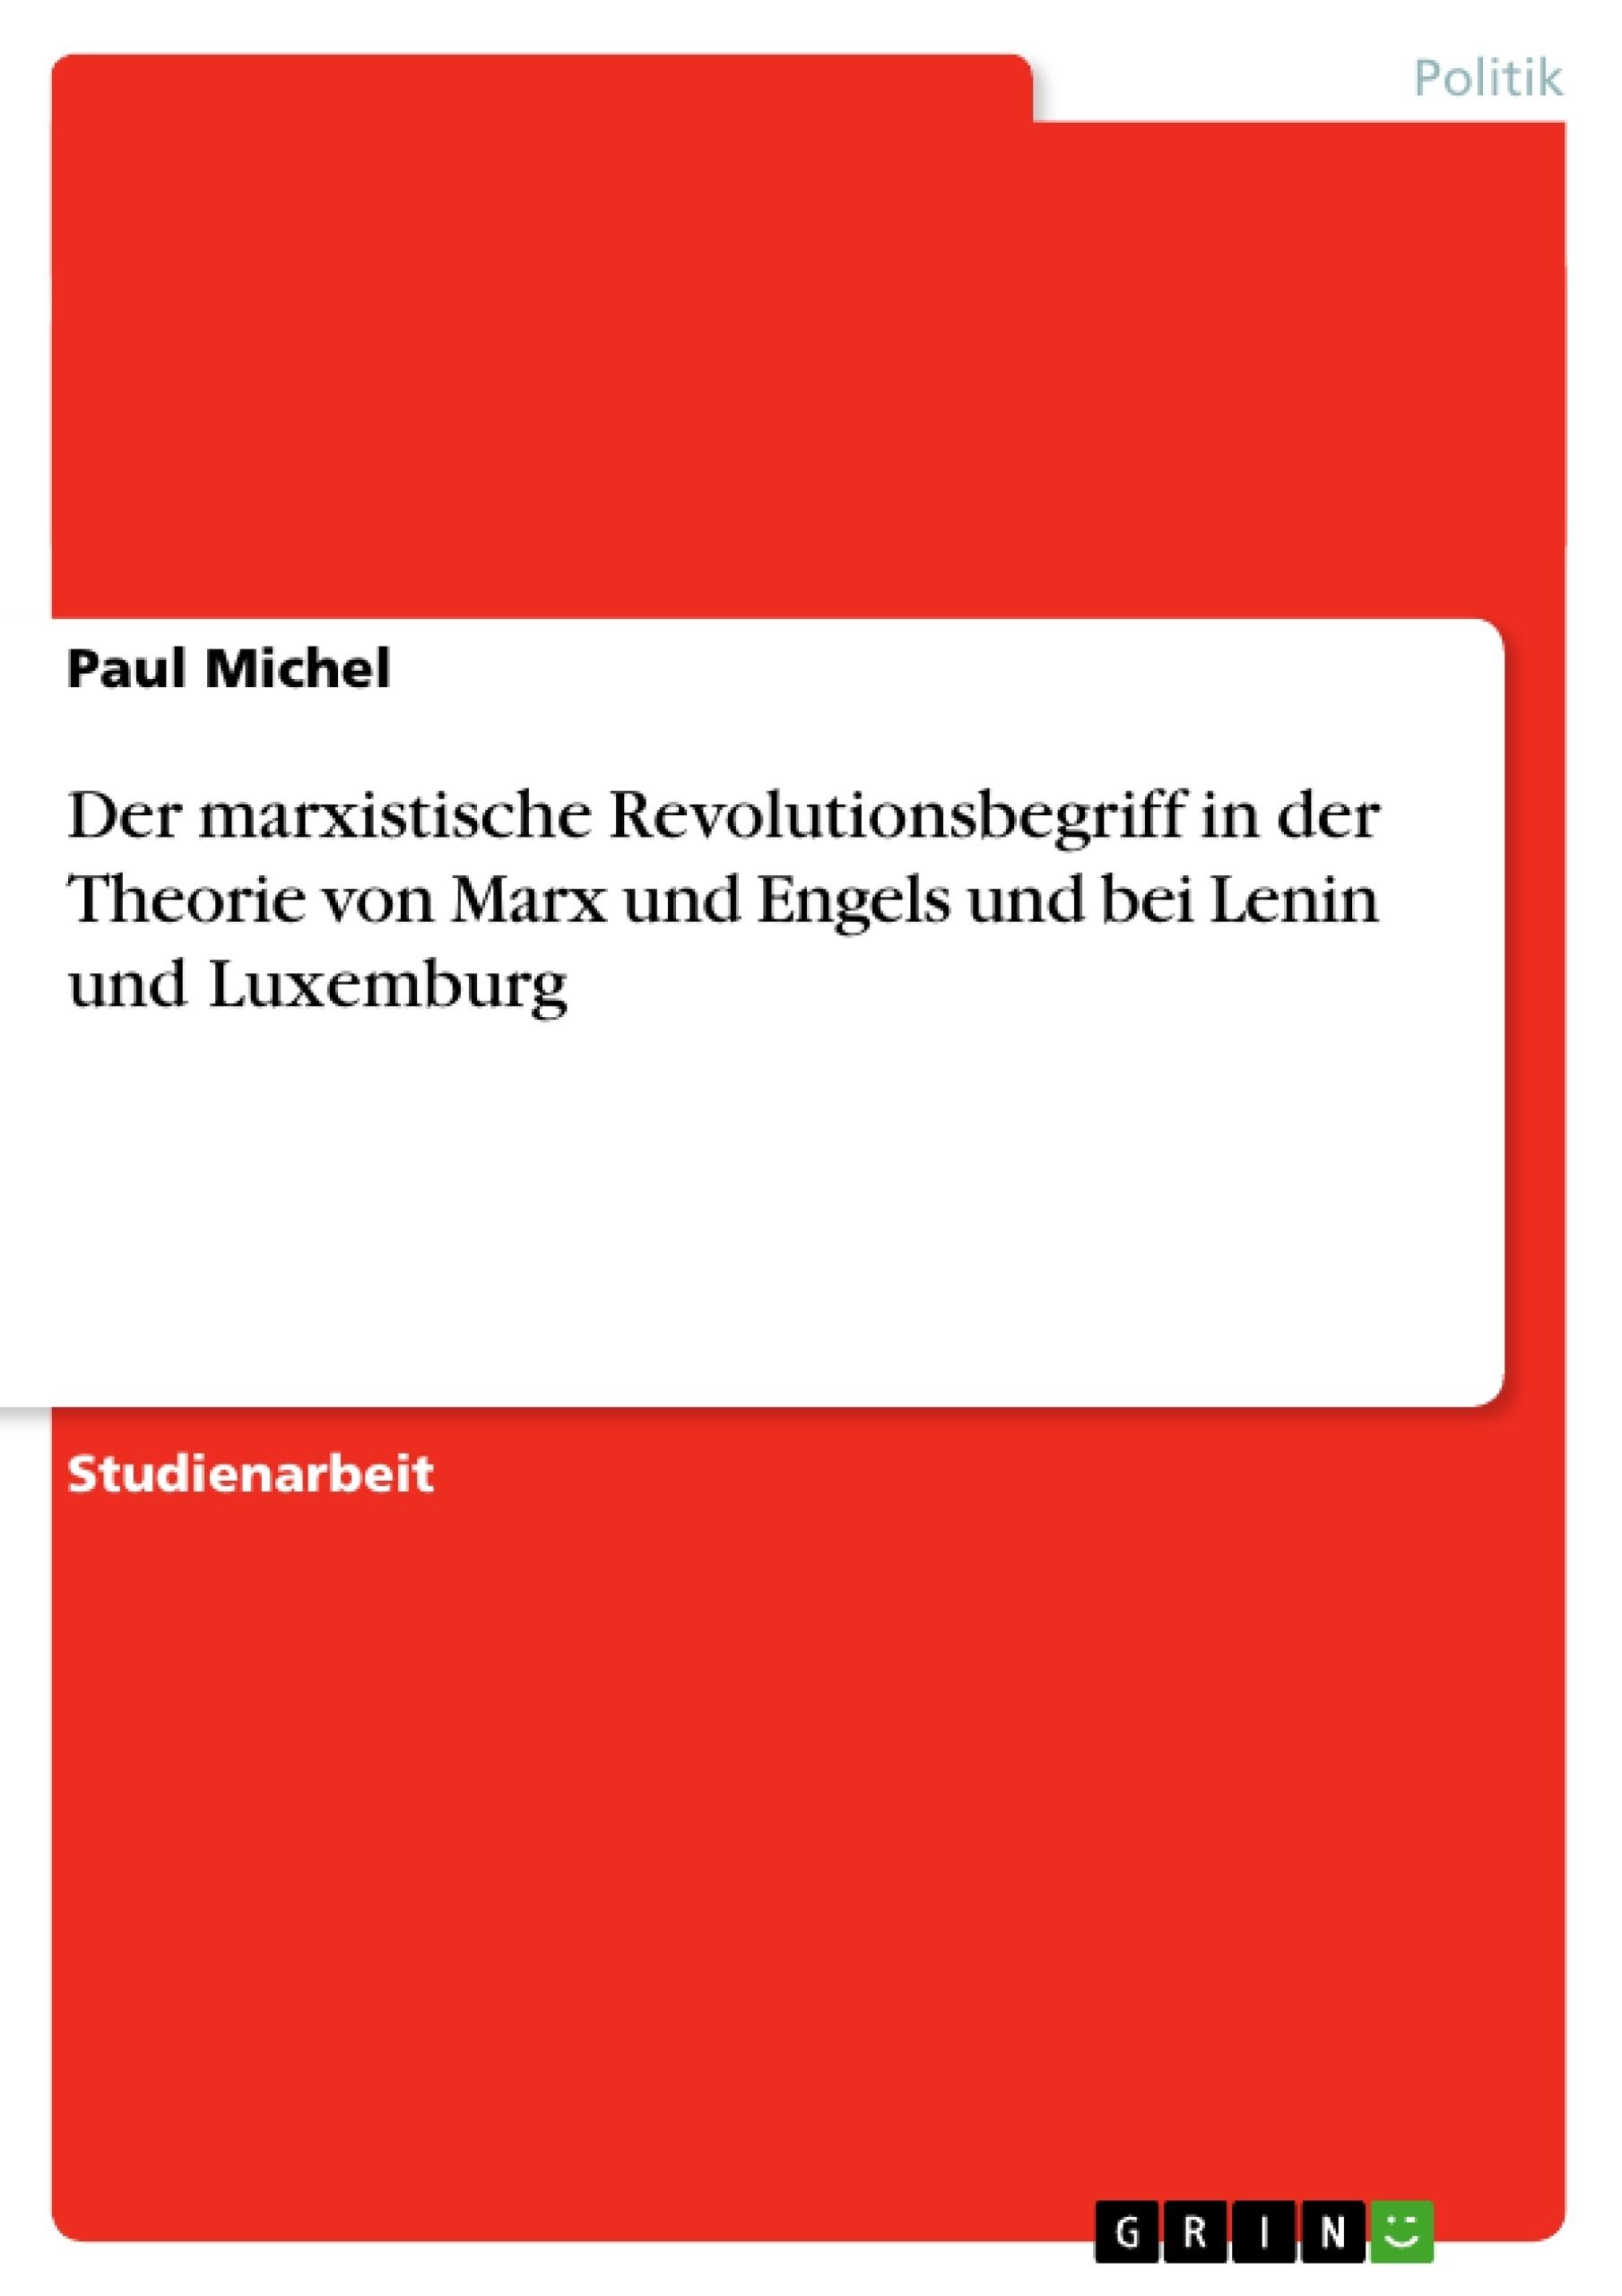 Titel: Der marxistische Revolutionsbegriff in der Theorie von Marx und Engels und bei Lenin und Luxemburg